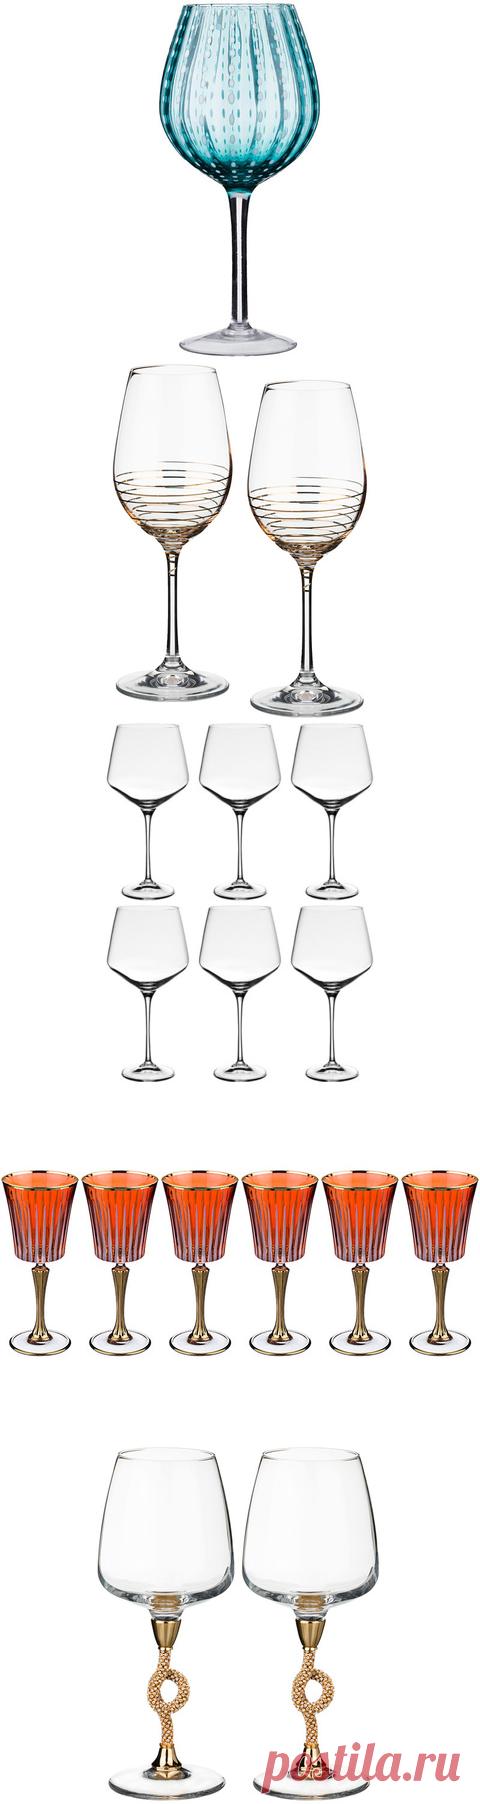 Бокалы для вина– купить в интернет-магазине Elstores.ru